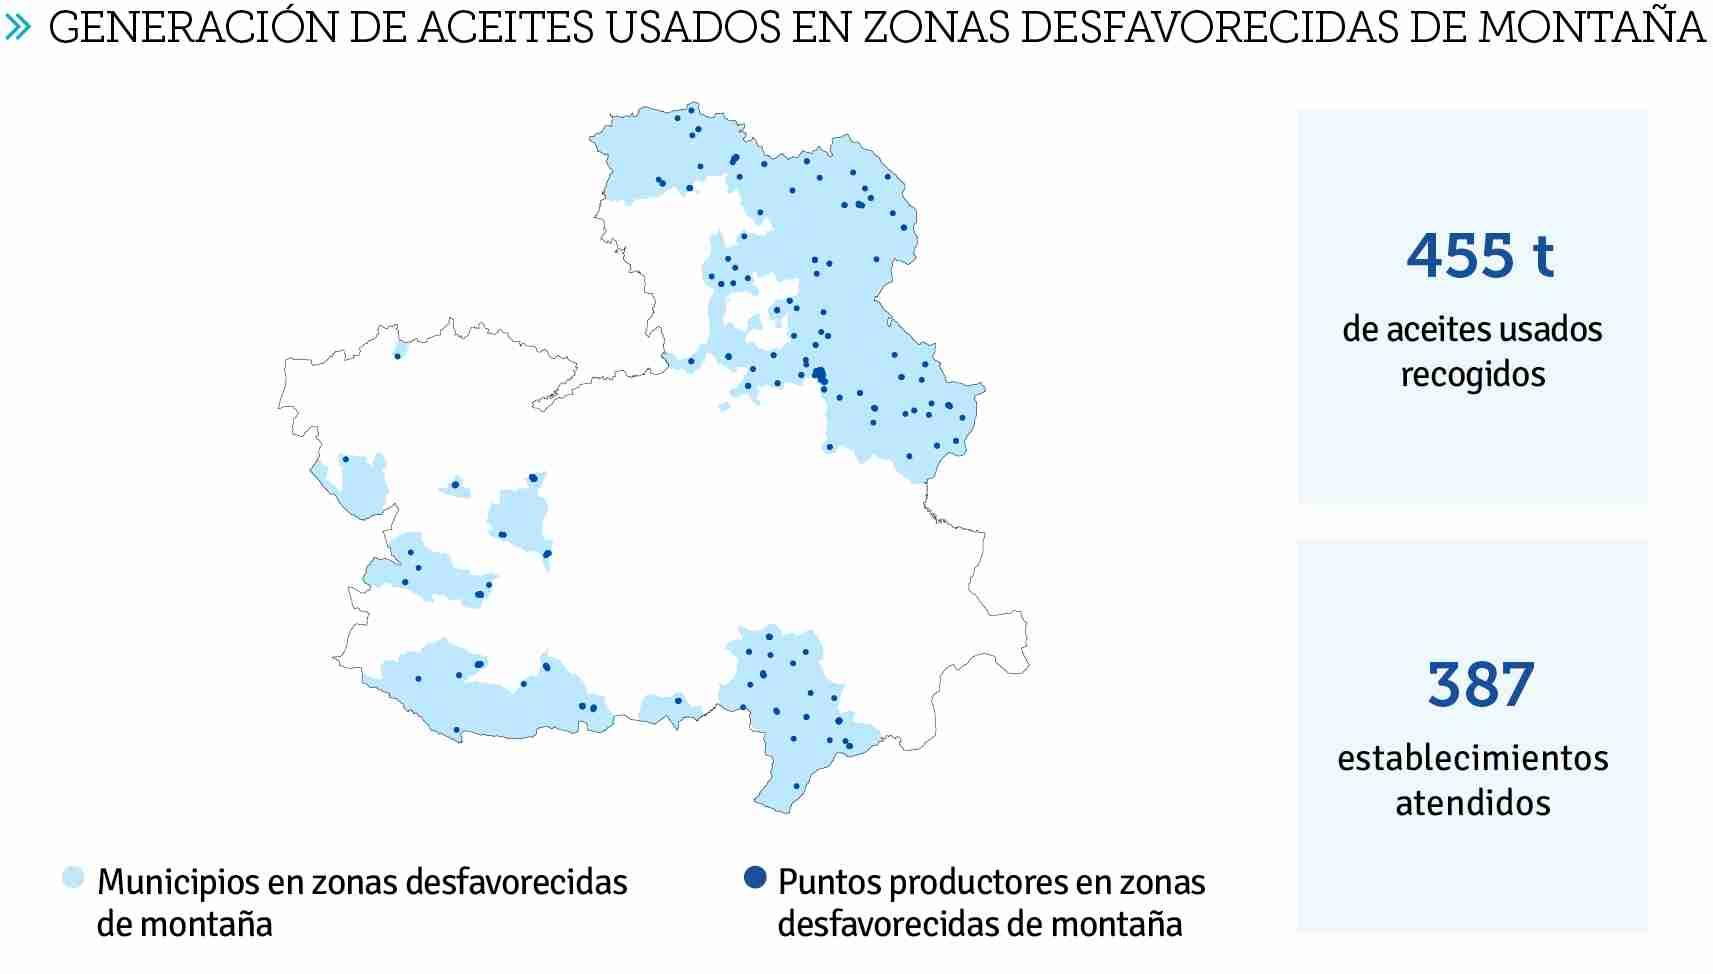 Castilla-La Mancha recicla 8 millones de litros de aceite usados 4